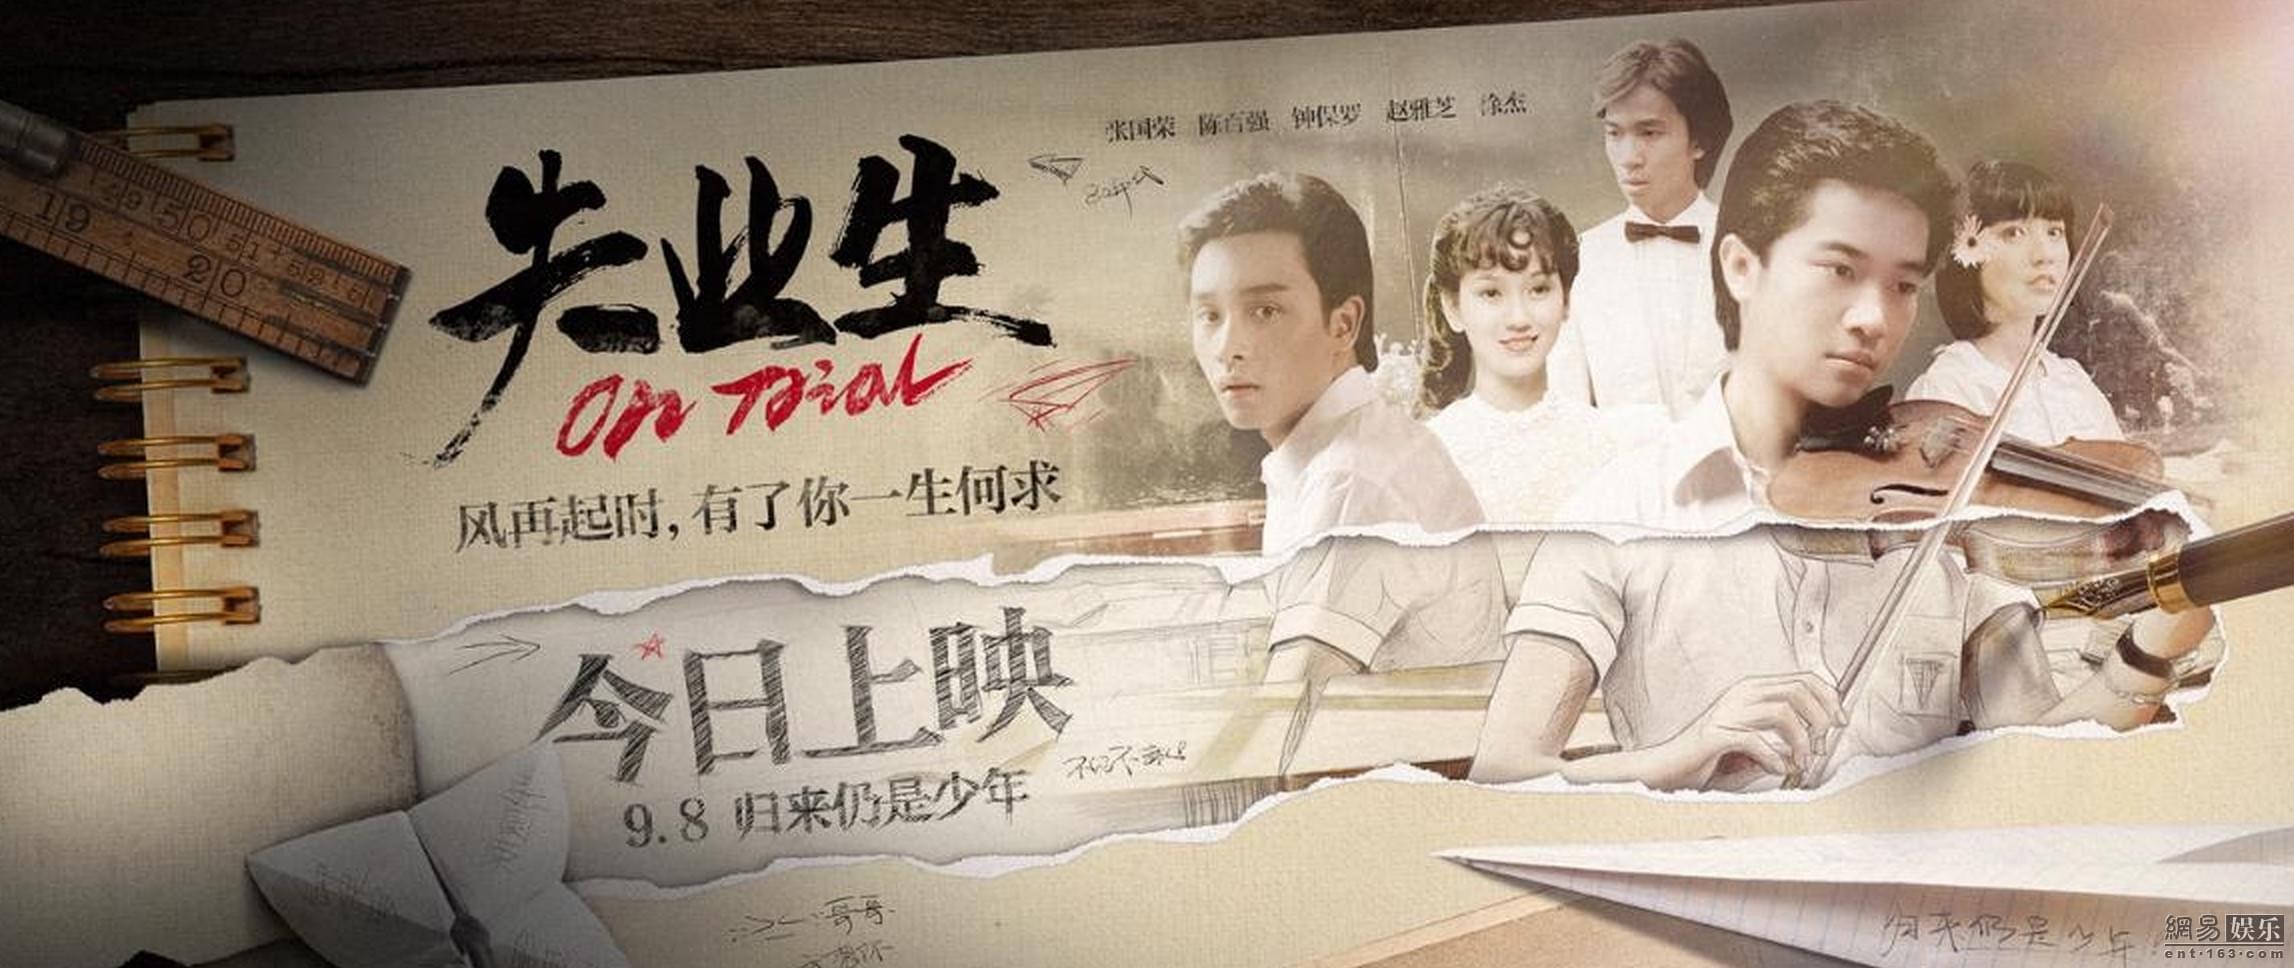 《失业生》今日公映 导演含泪追忆张国荣陈百强